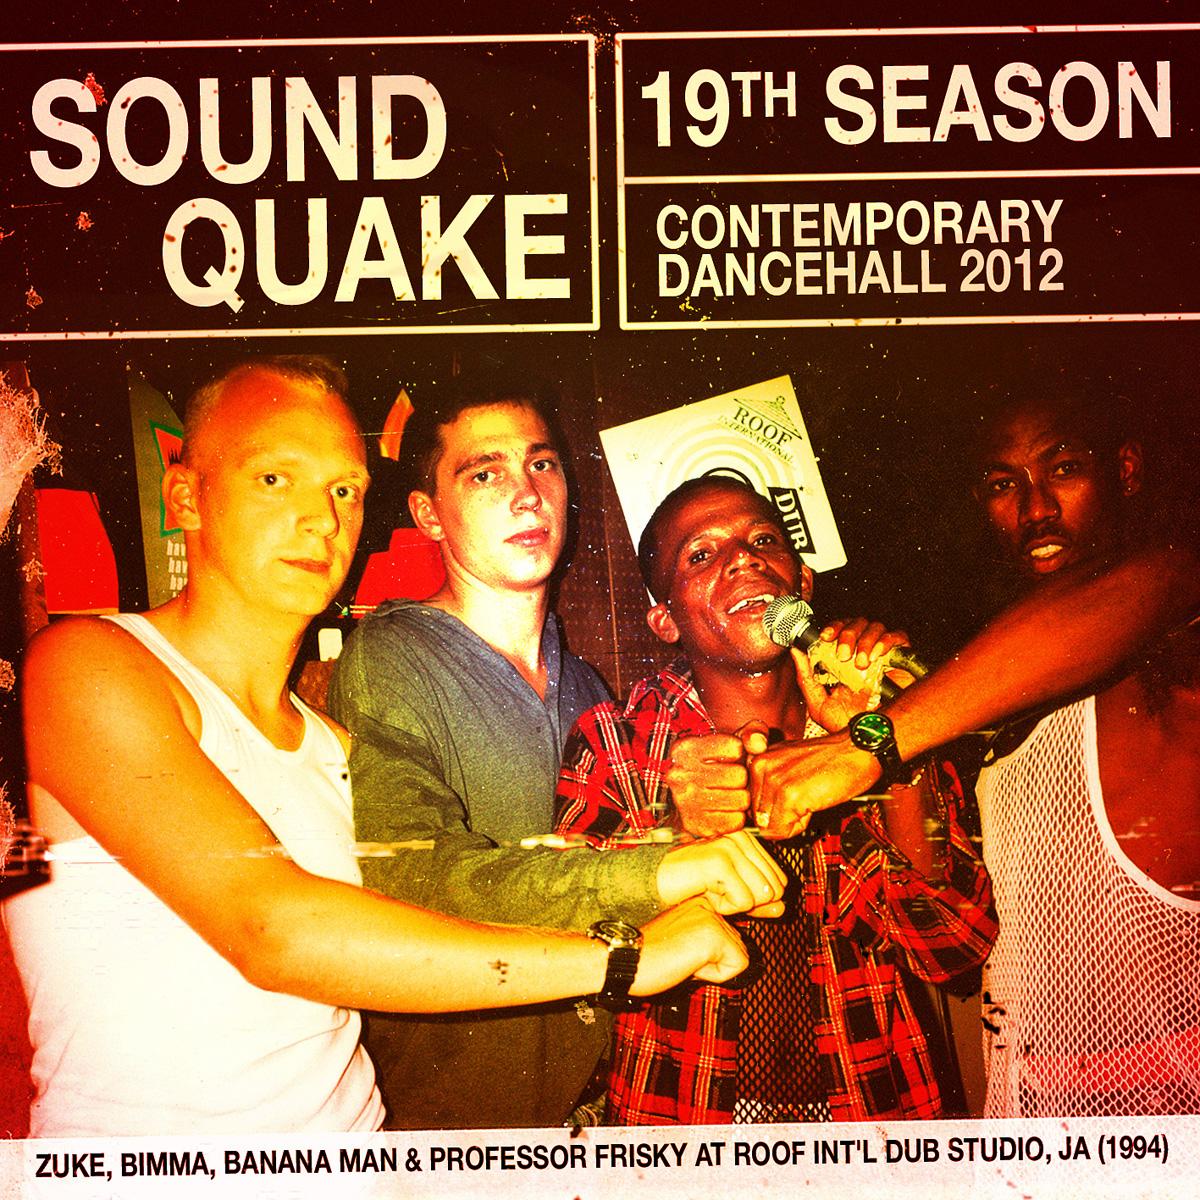 SOUND QUAKE- 19th SEASON - CONTEMPORARY DANCEHALL 2012 Artworks-000030112596-7ebzjr-original